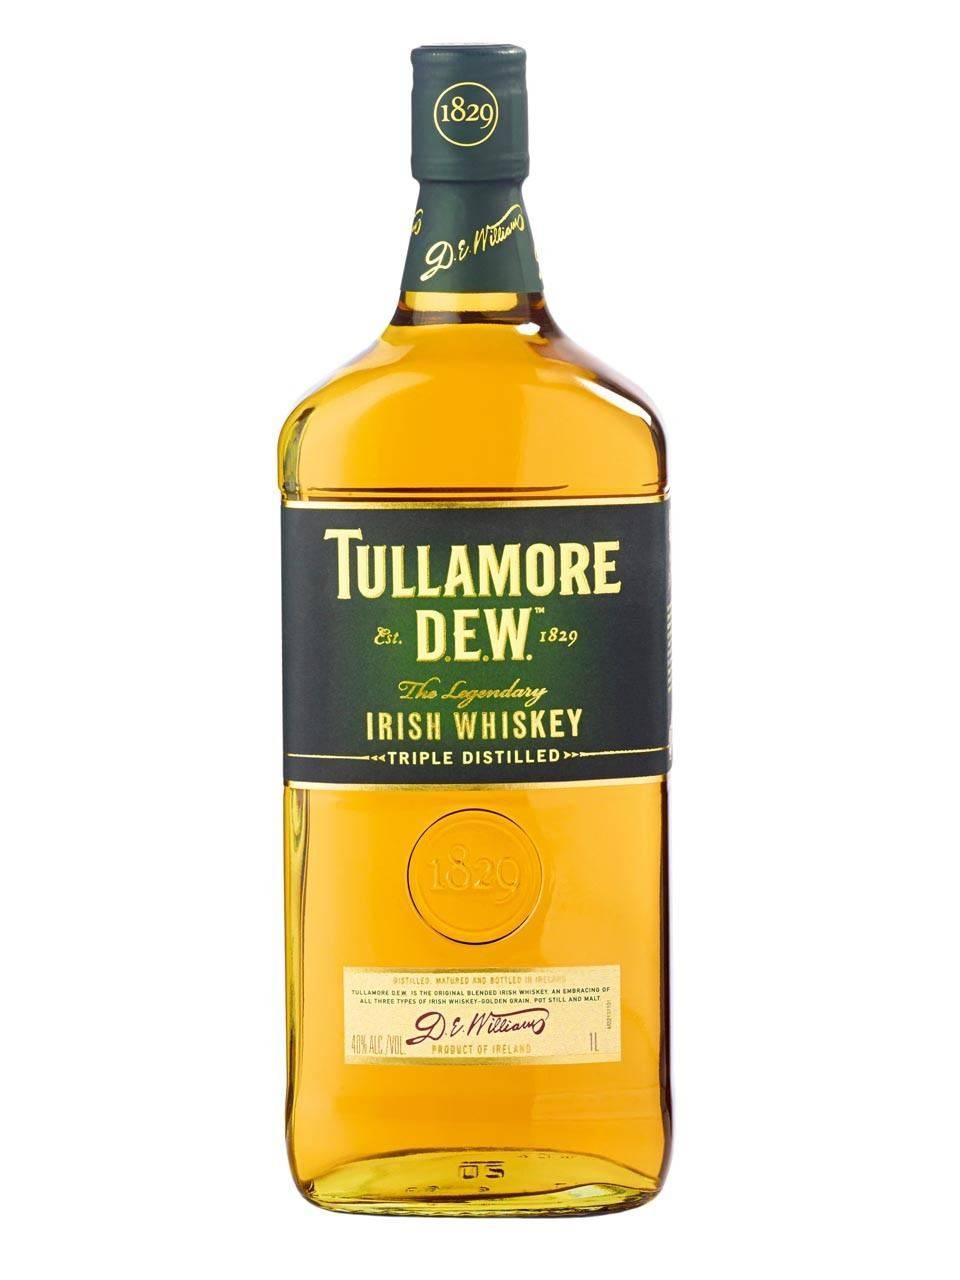 Виски талламор дью (tullamore dew): история, обзор вкуса и видов